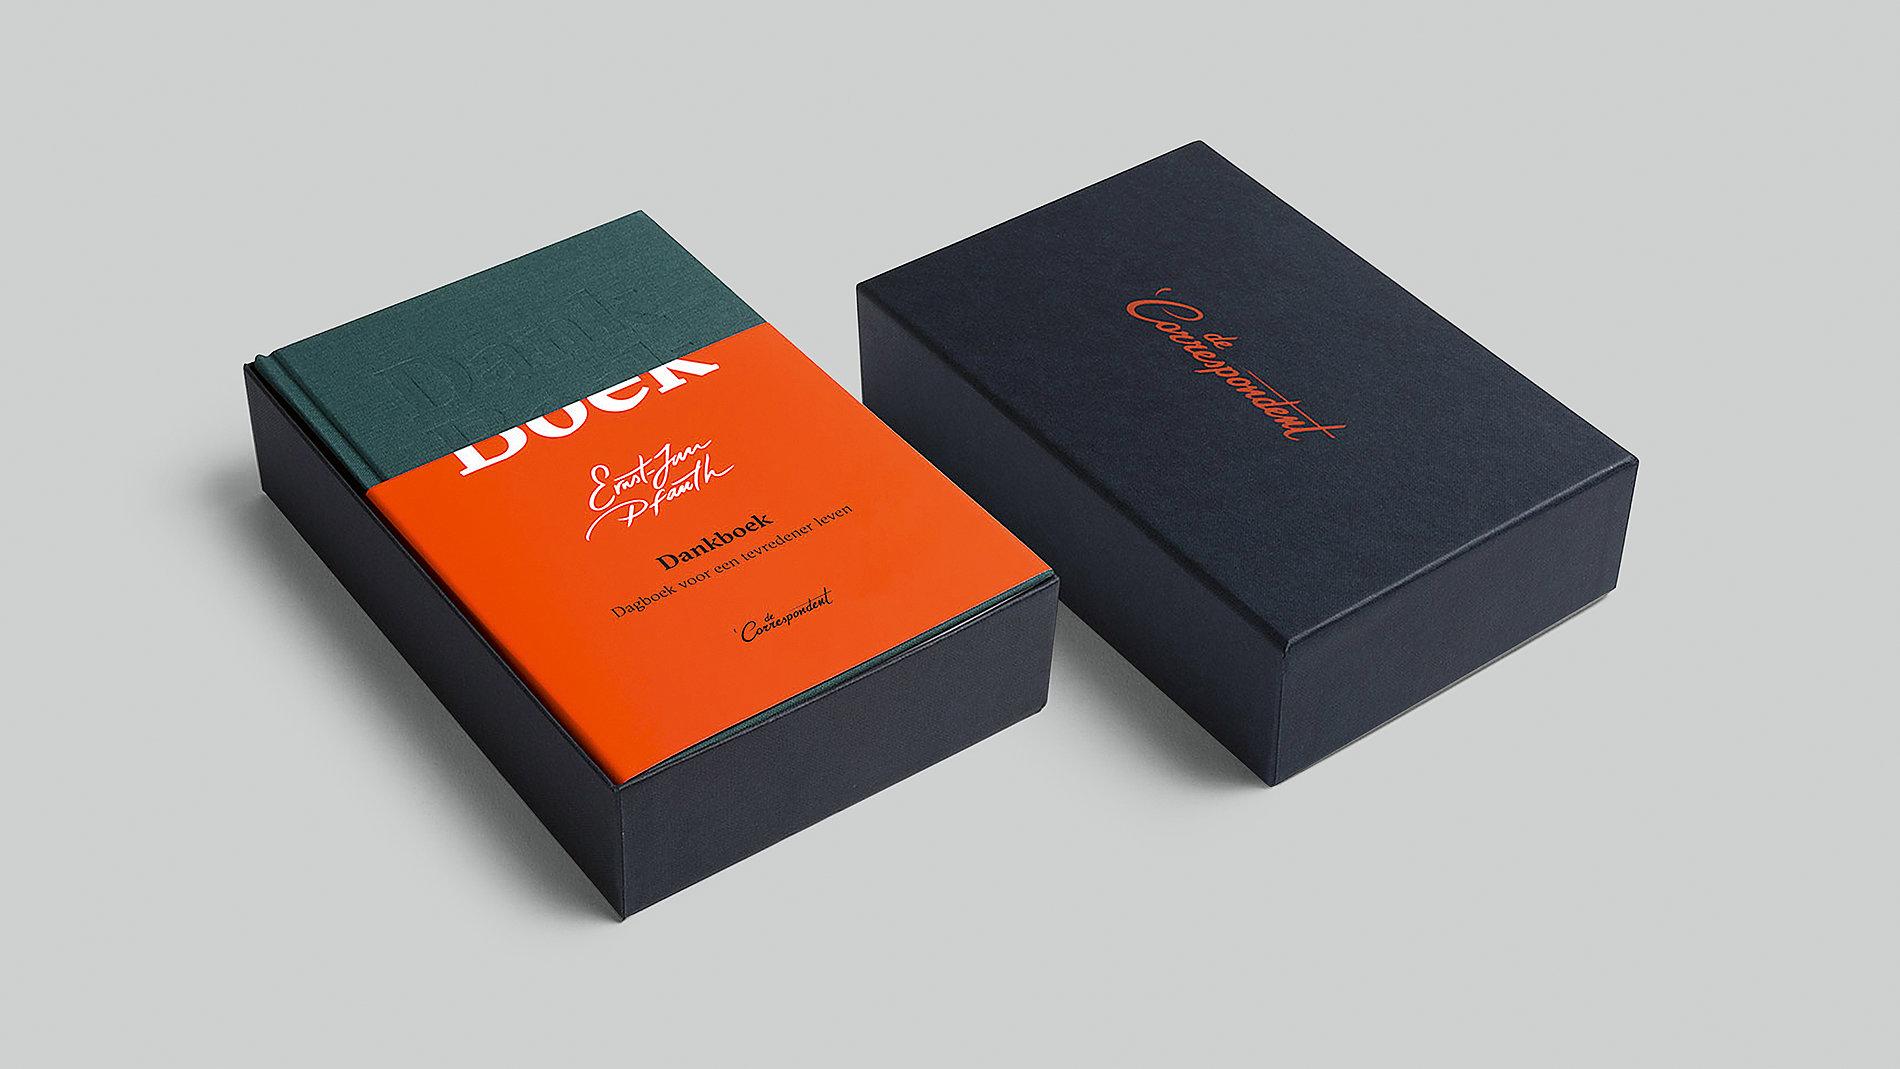 De Correspondent Dankboek   Red Dot Design Award